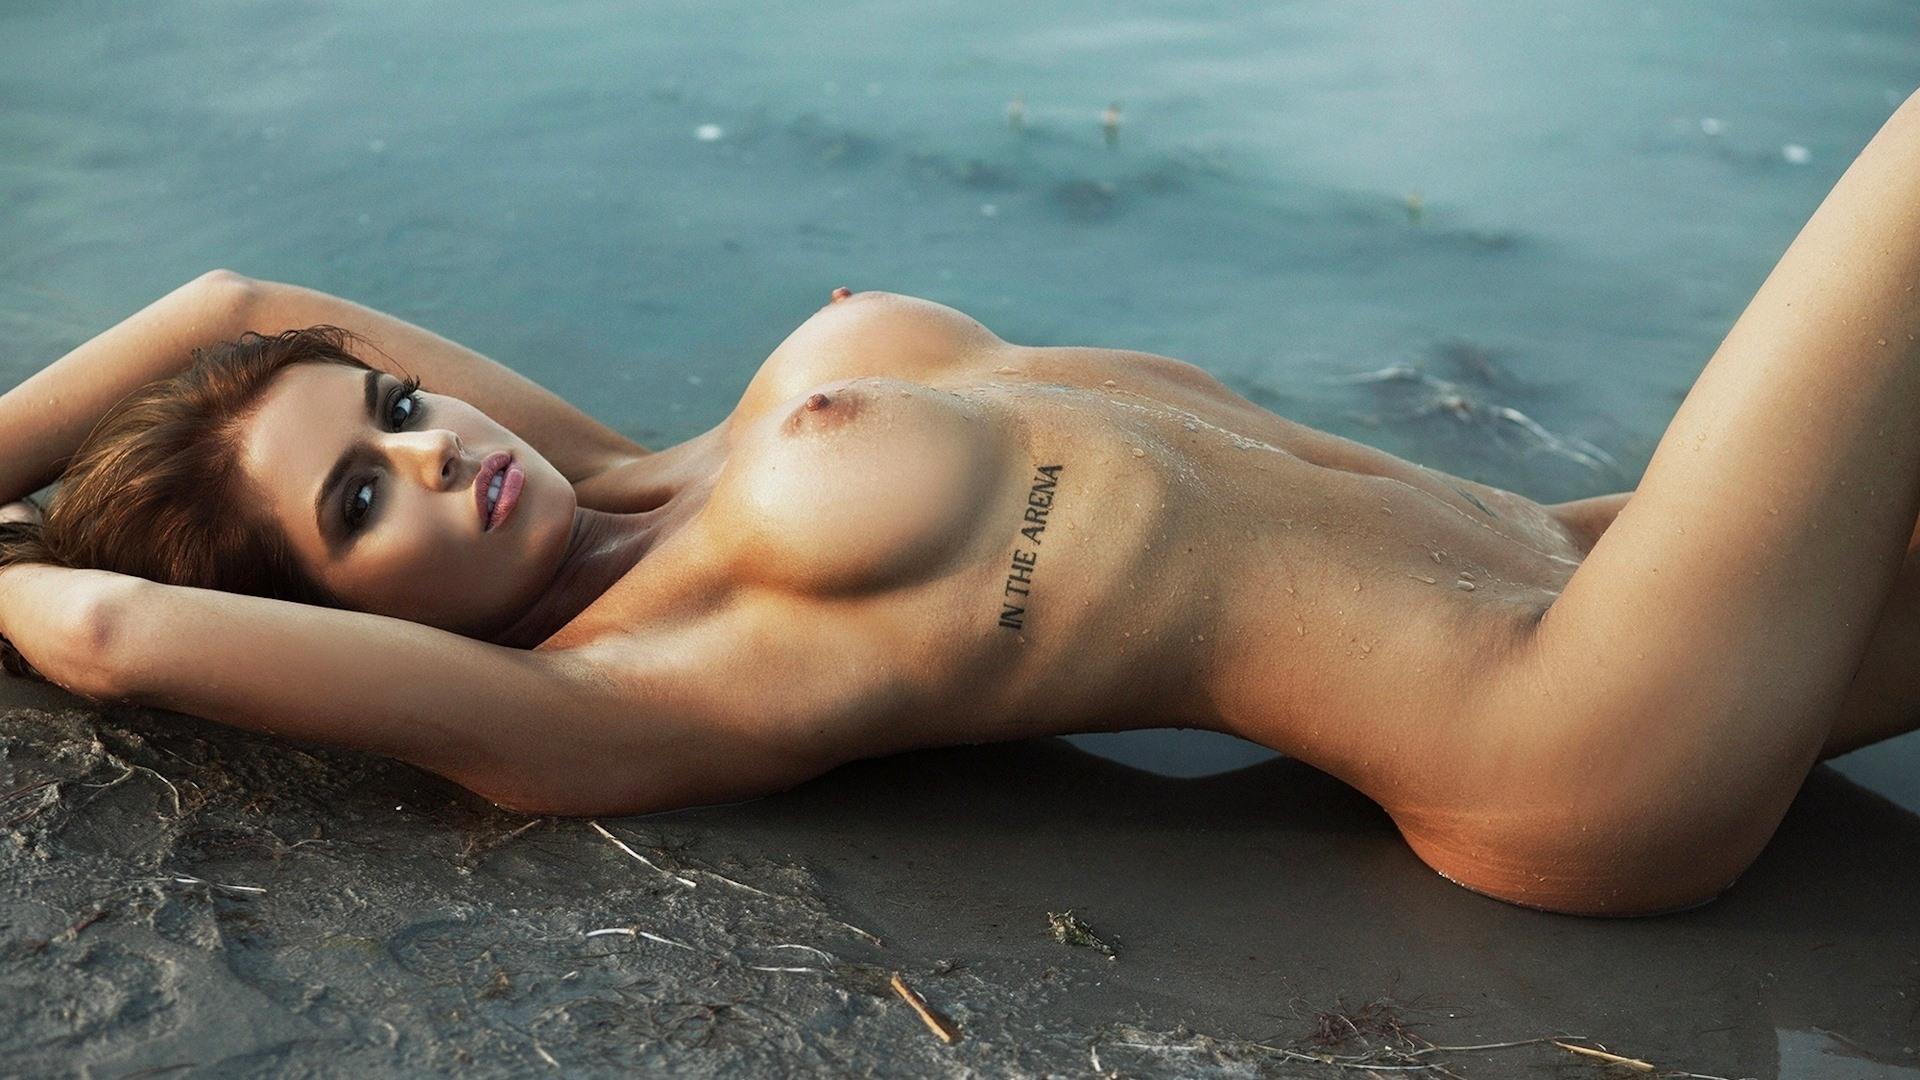 Фото Голая девушка, мокрые упругие соски, тату, пляж, вода, мокрая эротика, скачать картинку бесплатно